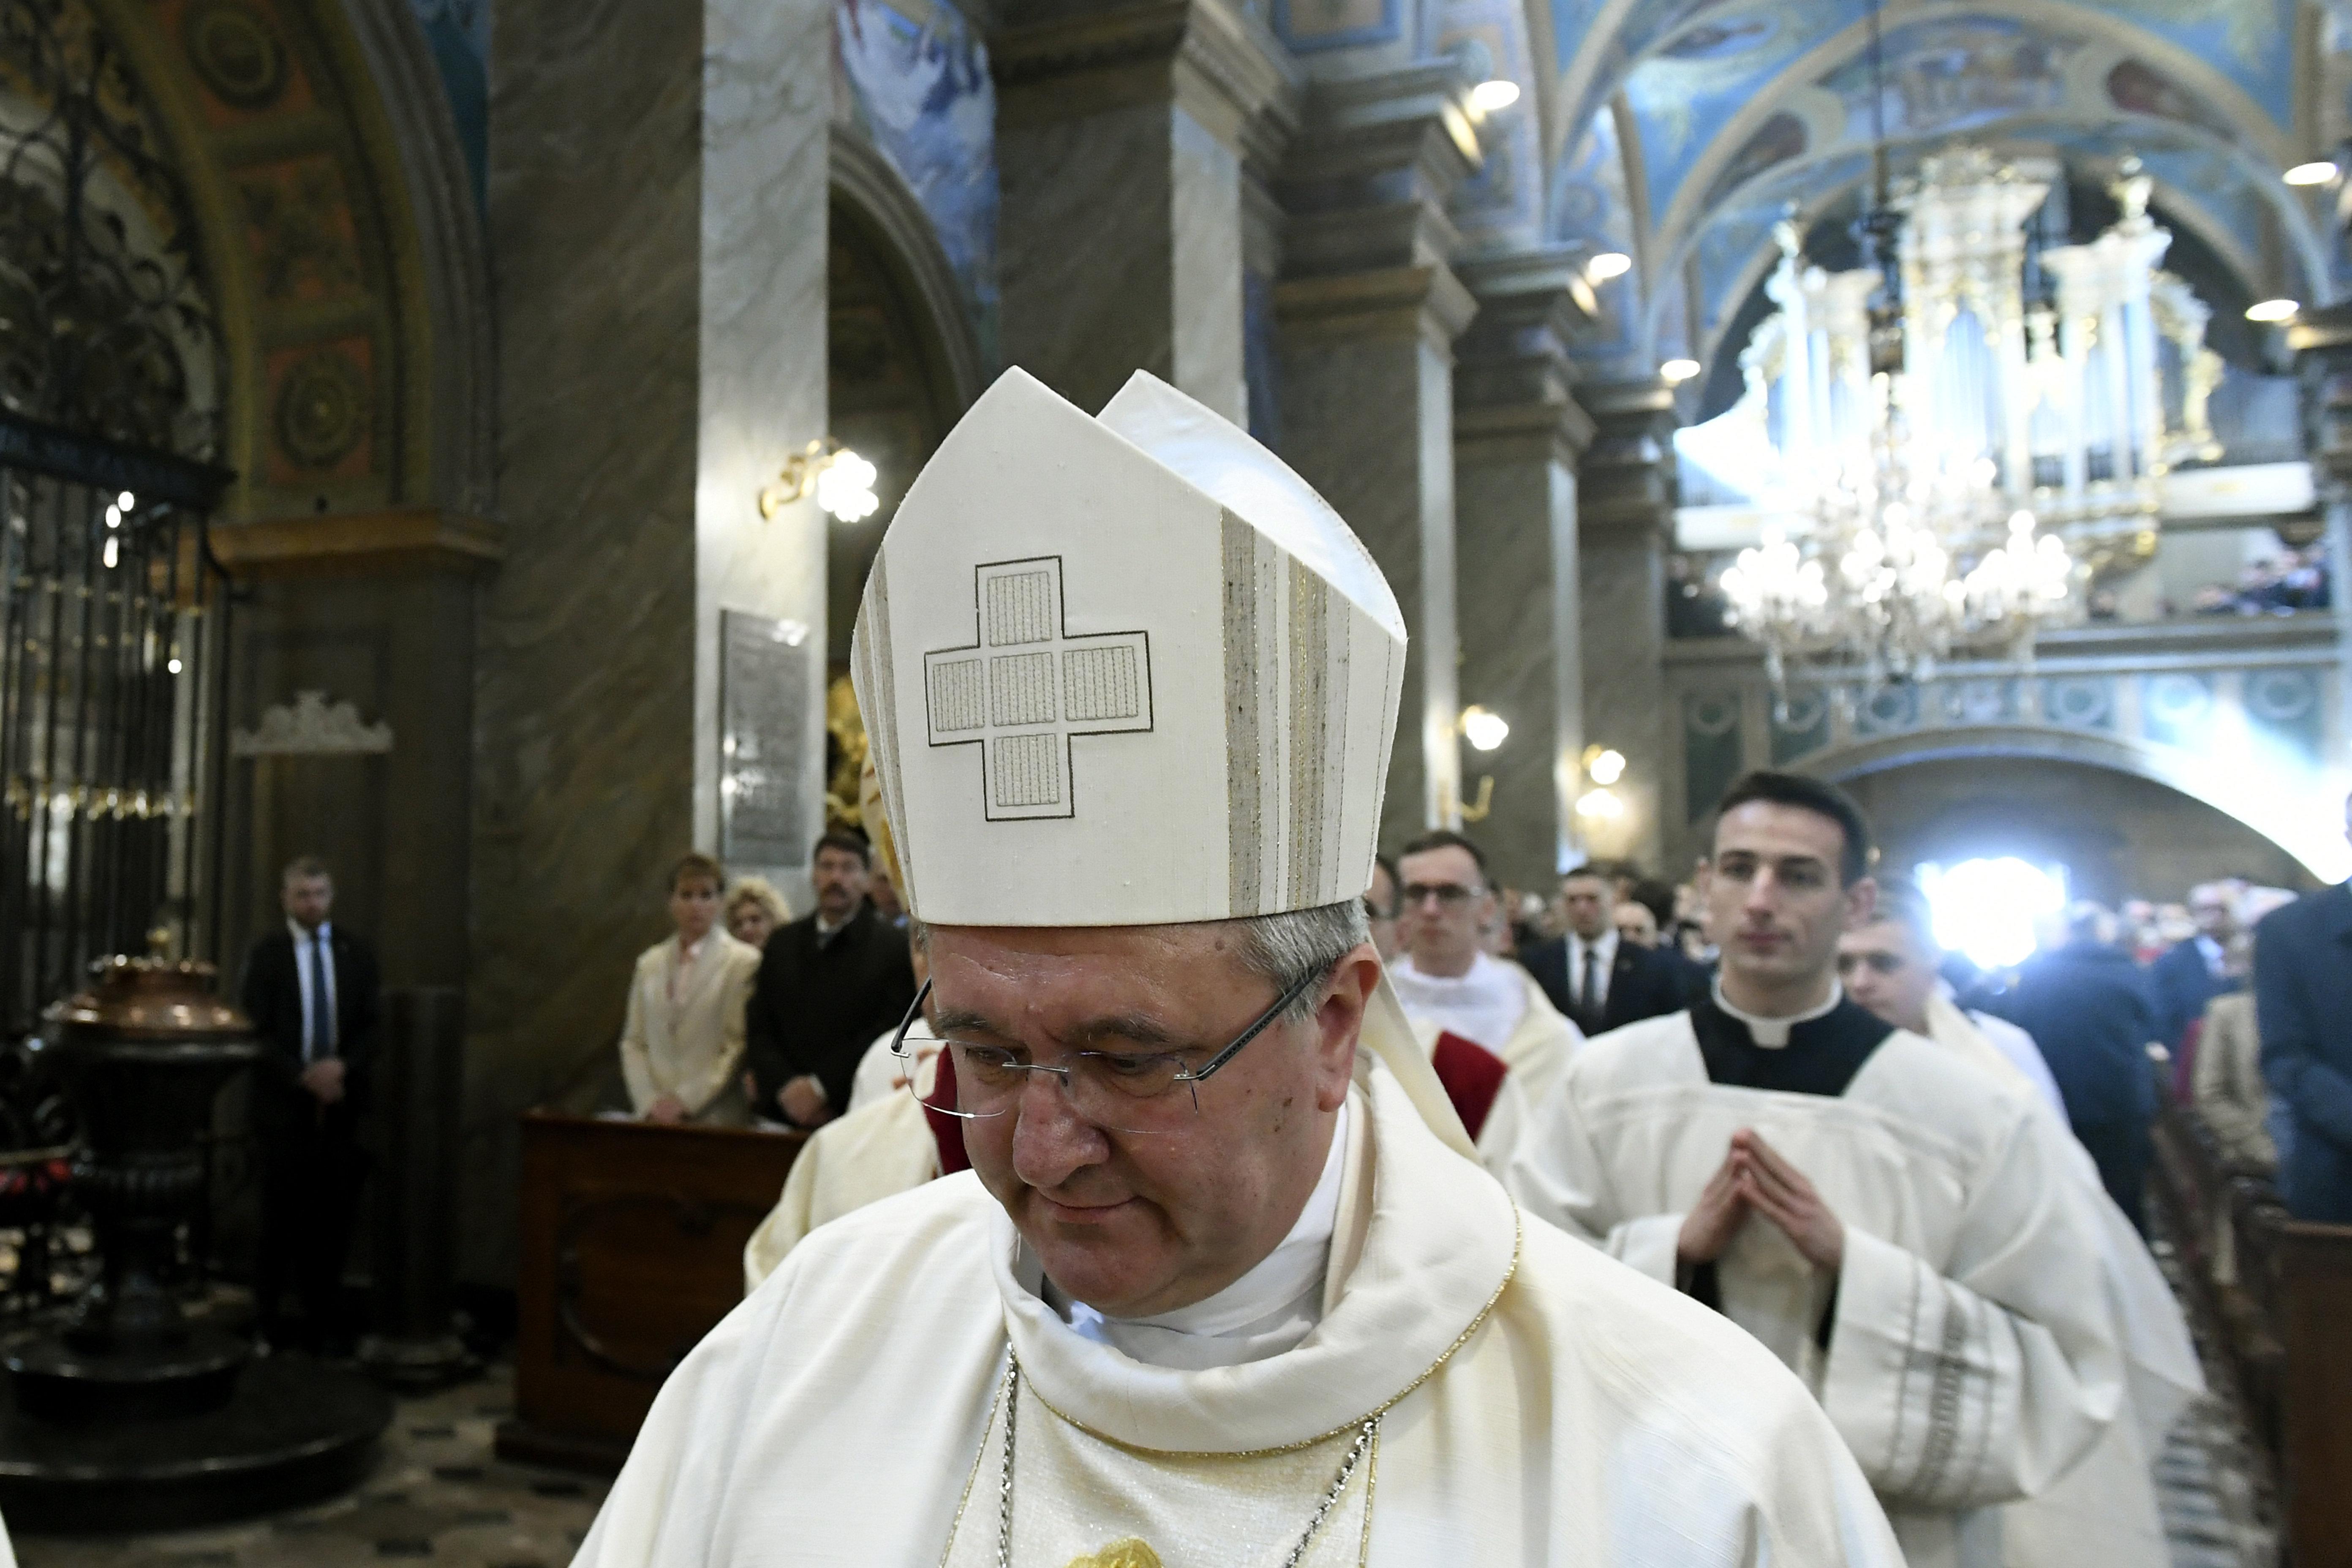 A püspöki kar elnöke szerint a liberalizmus miatt molesztálnak olyan sok gyereket a papok